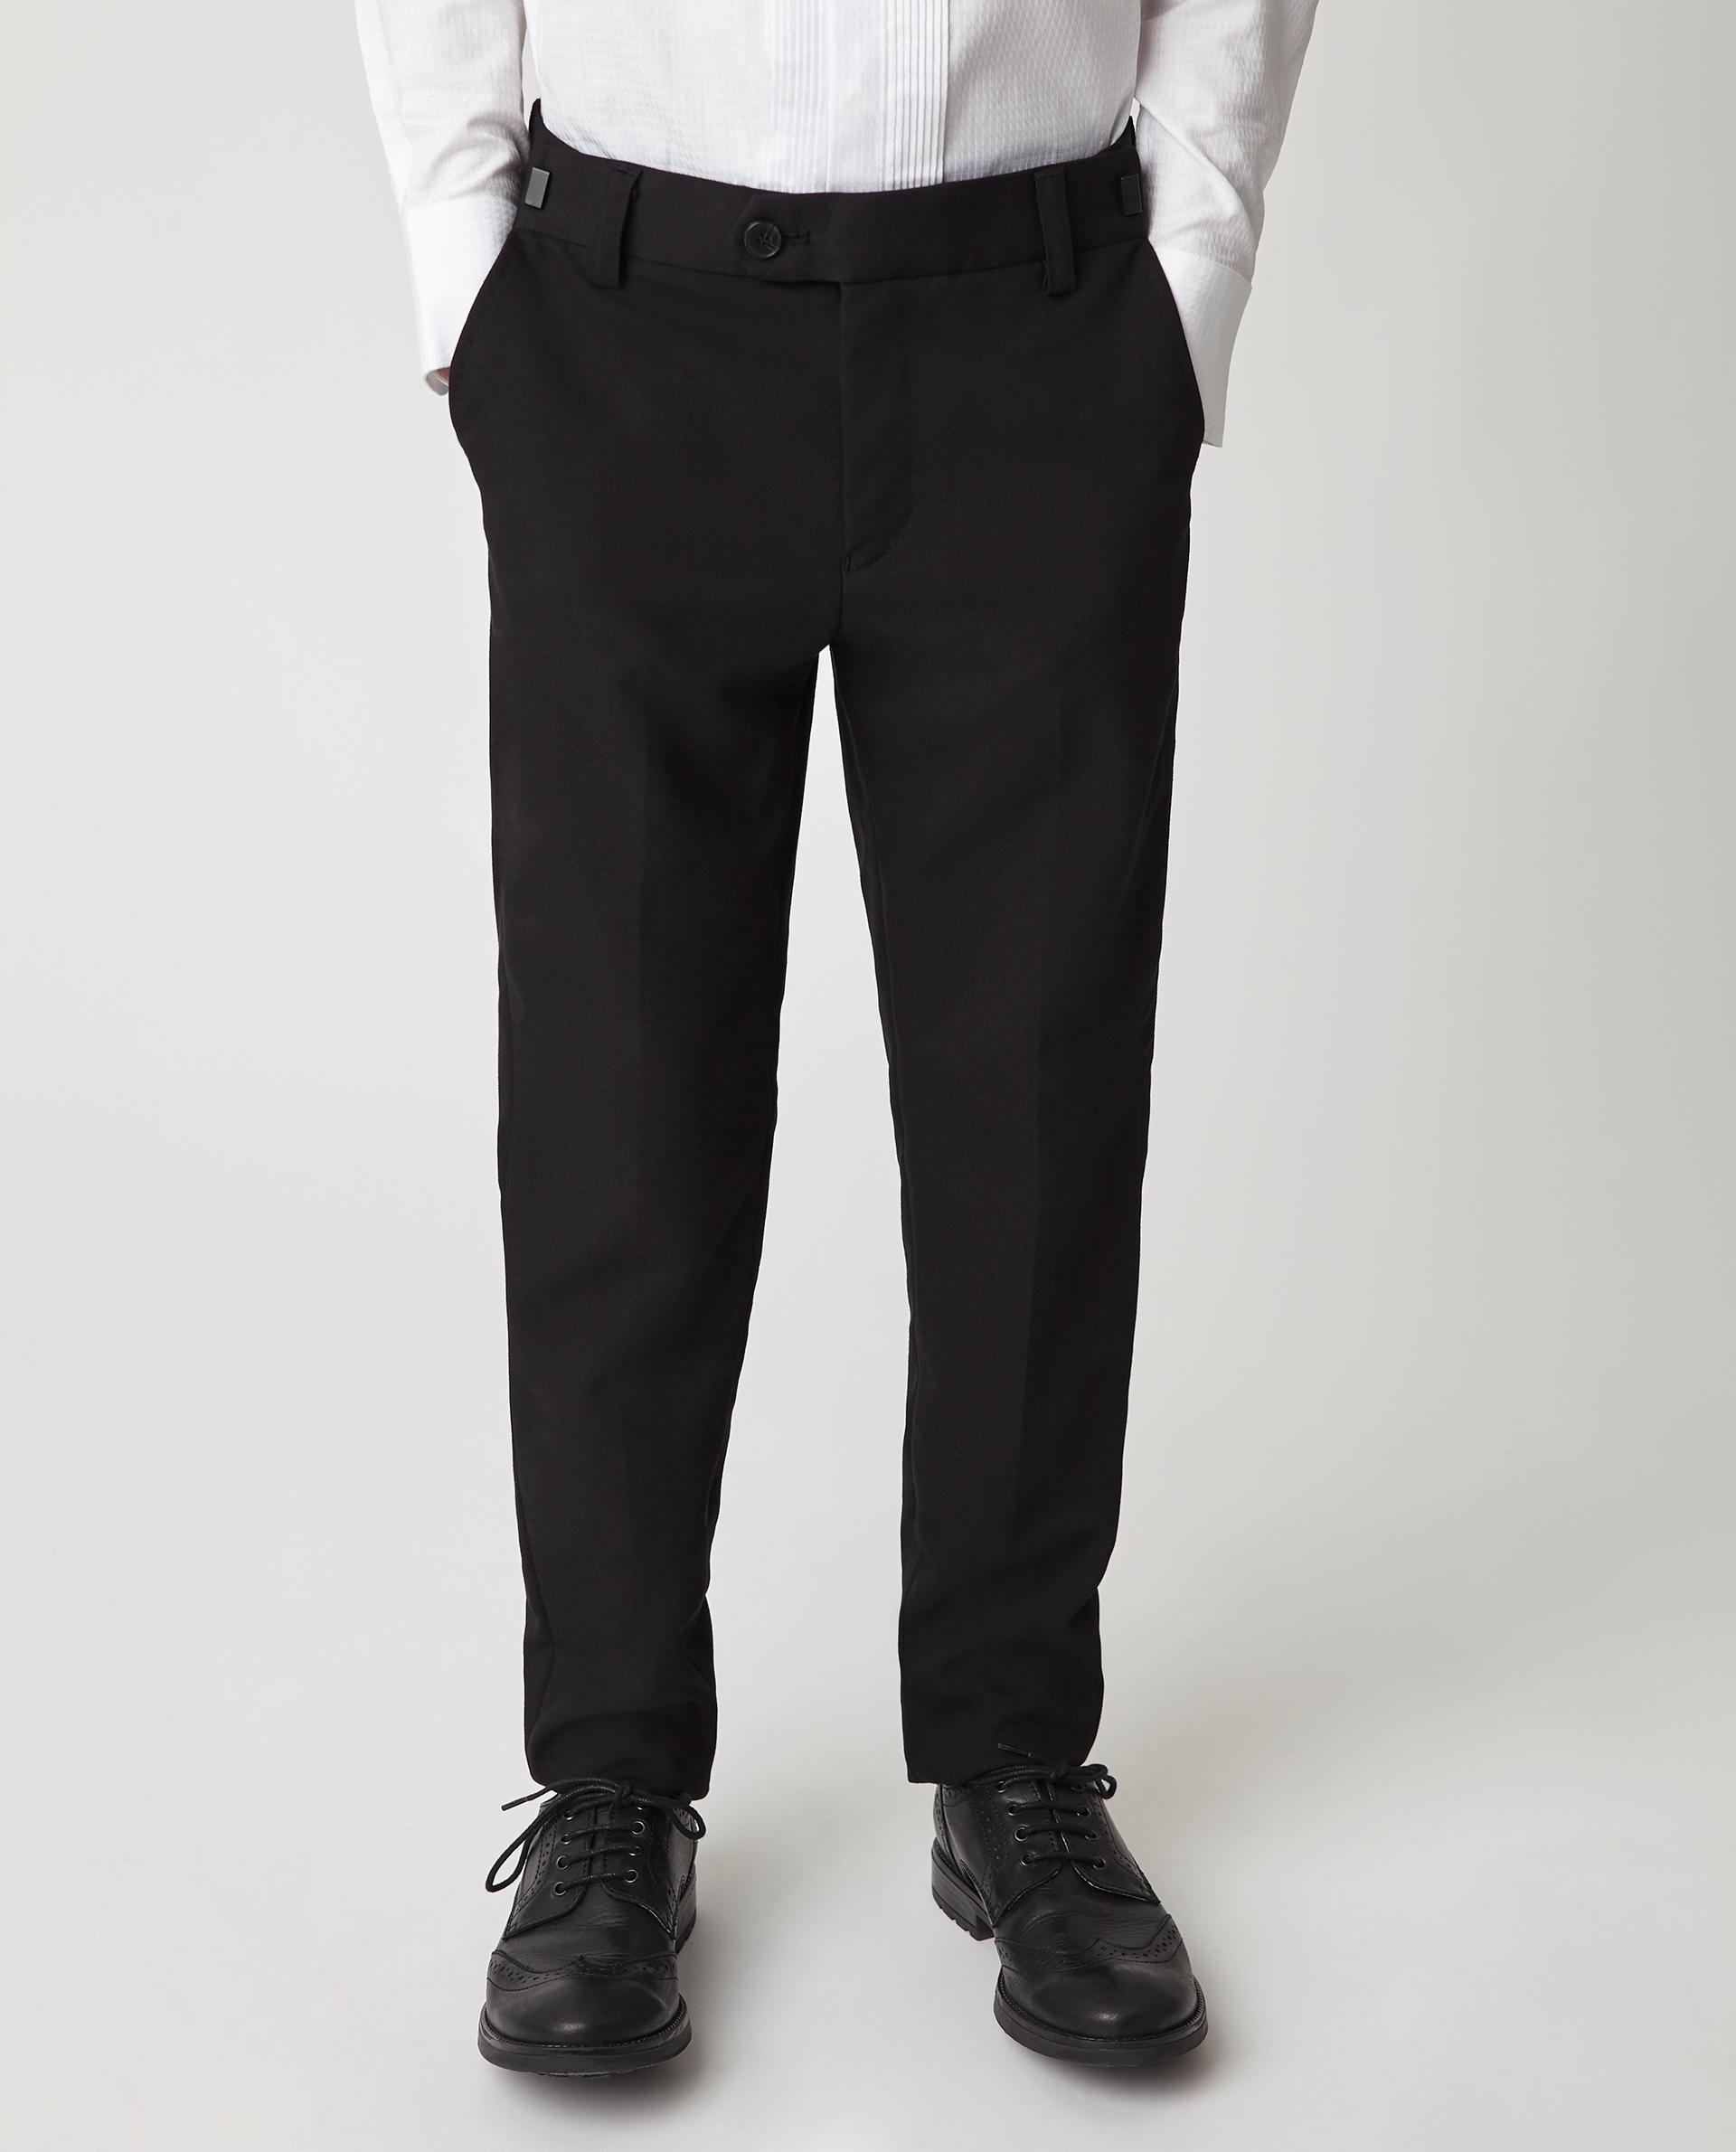 Купить 220GSBC6304, Черные узкие брюки Gulliver, черный, 140, Мужской, Демисезон, ШКОЛЬНАЯ ФОРМА 2020-2021 (shop: GulliverMarket Gulliver Market)